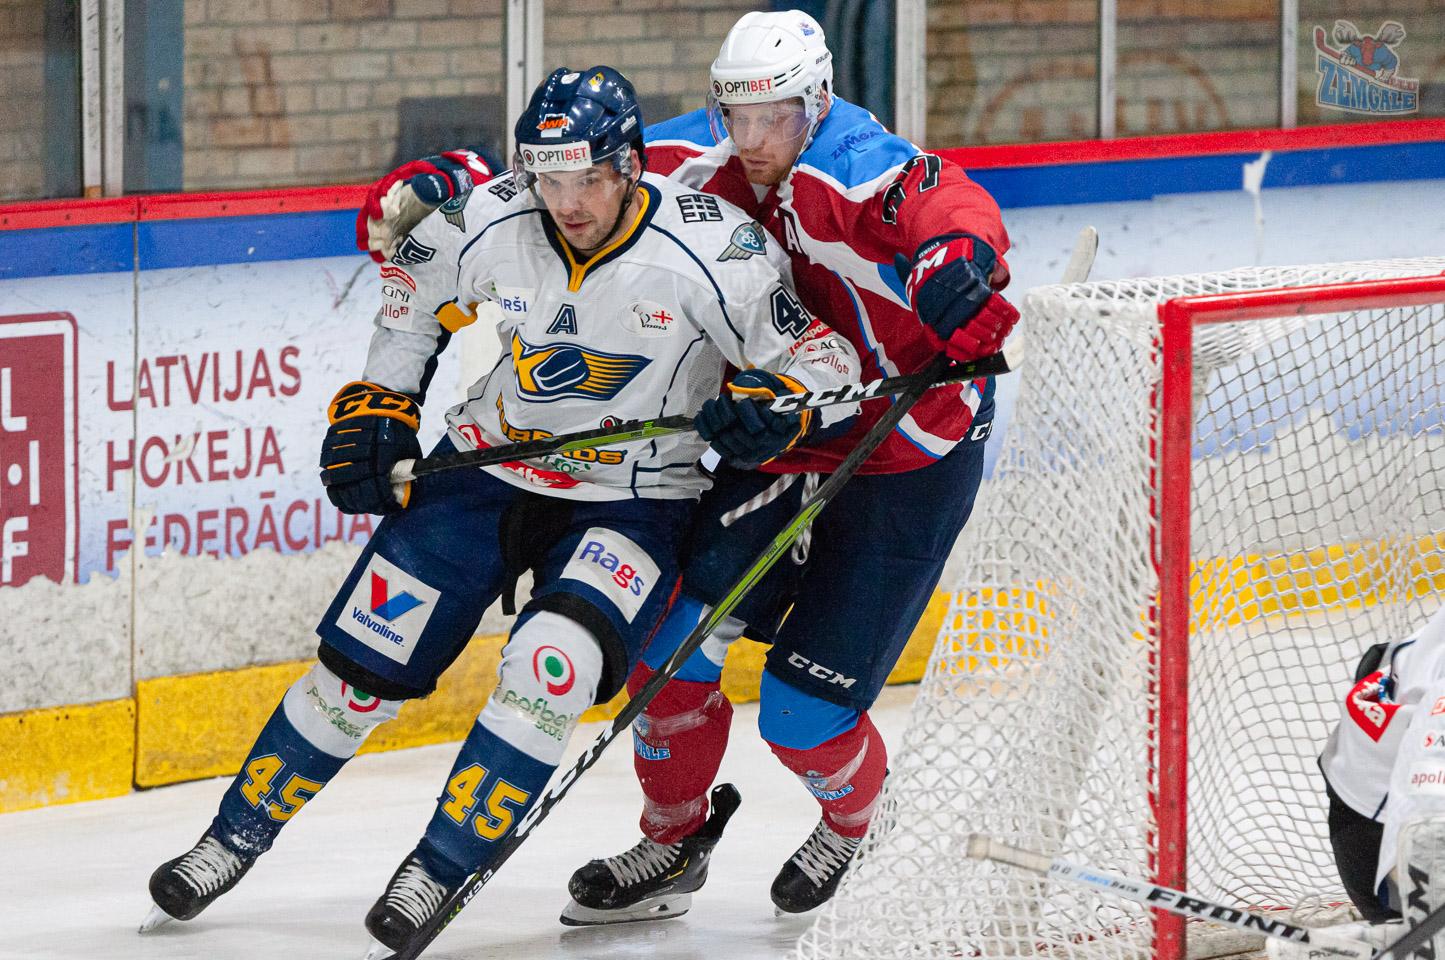 Hokejists traucē pretinieka slidojumu no aizvārtes